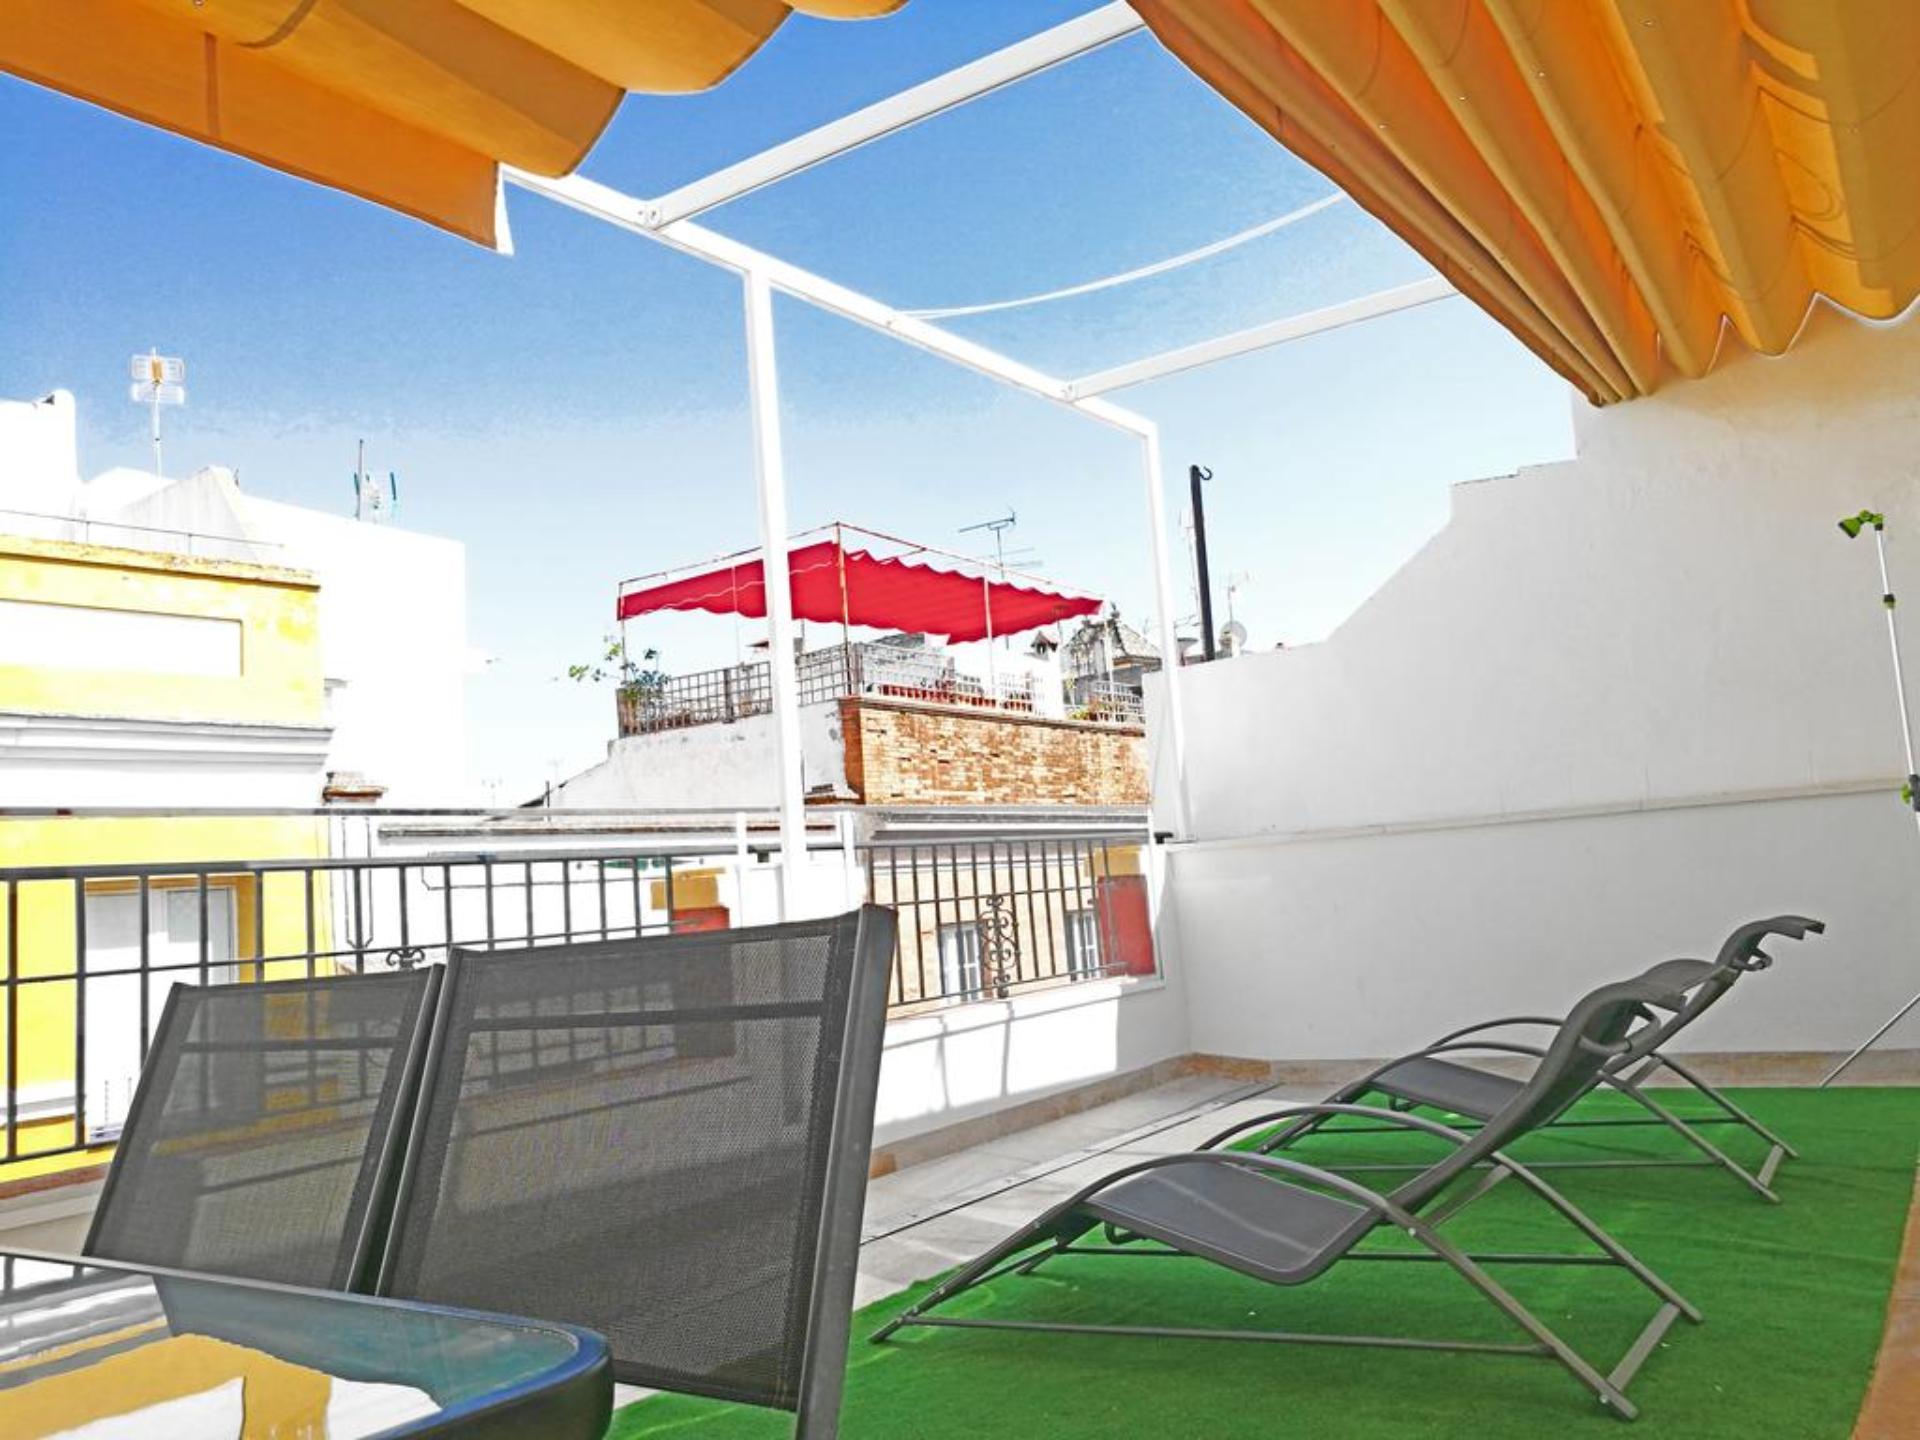 Hostel A2C Sevilla